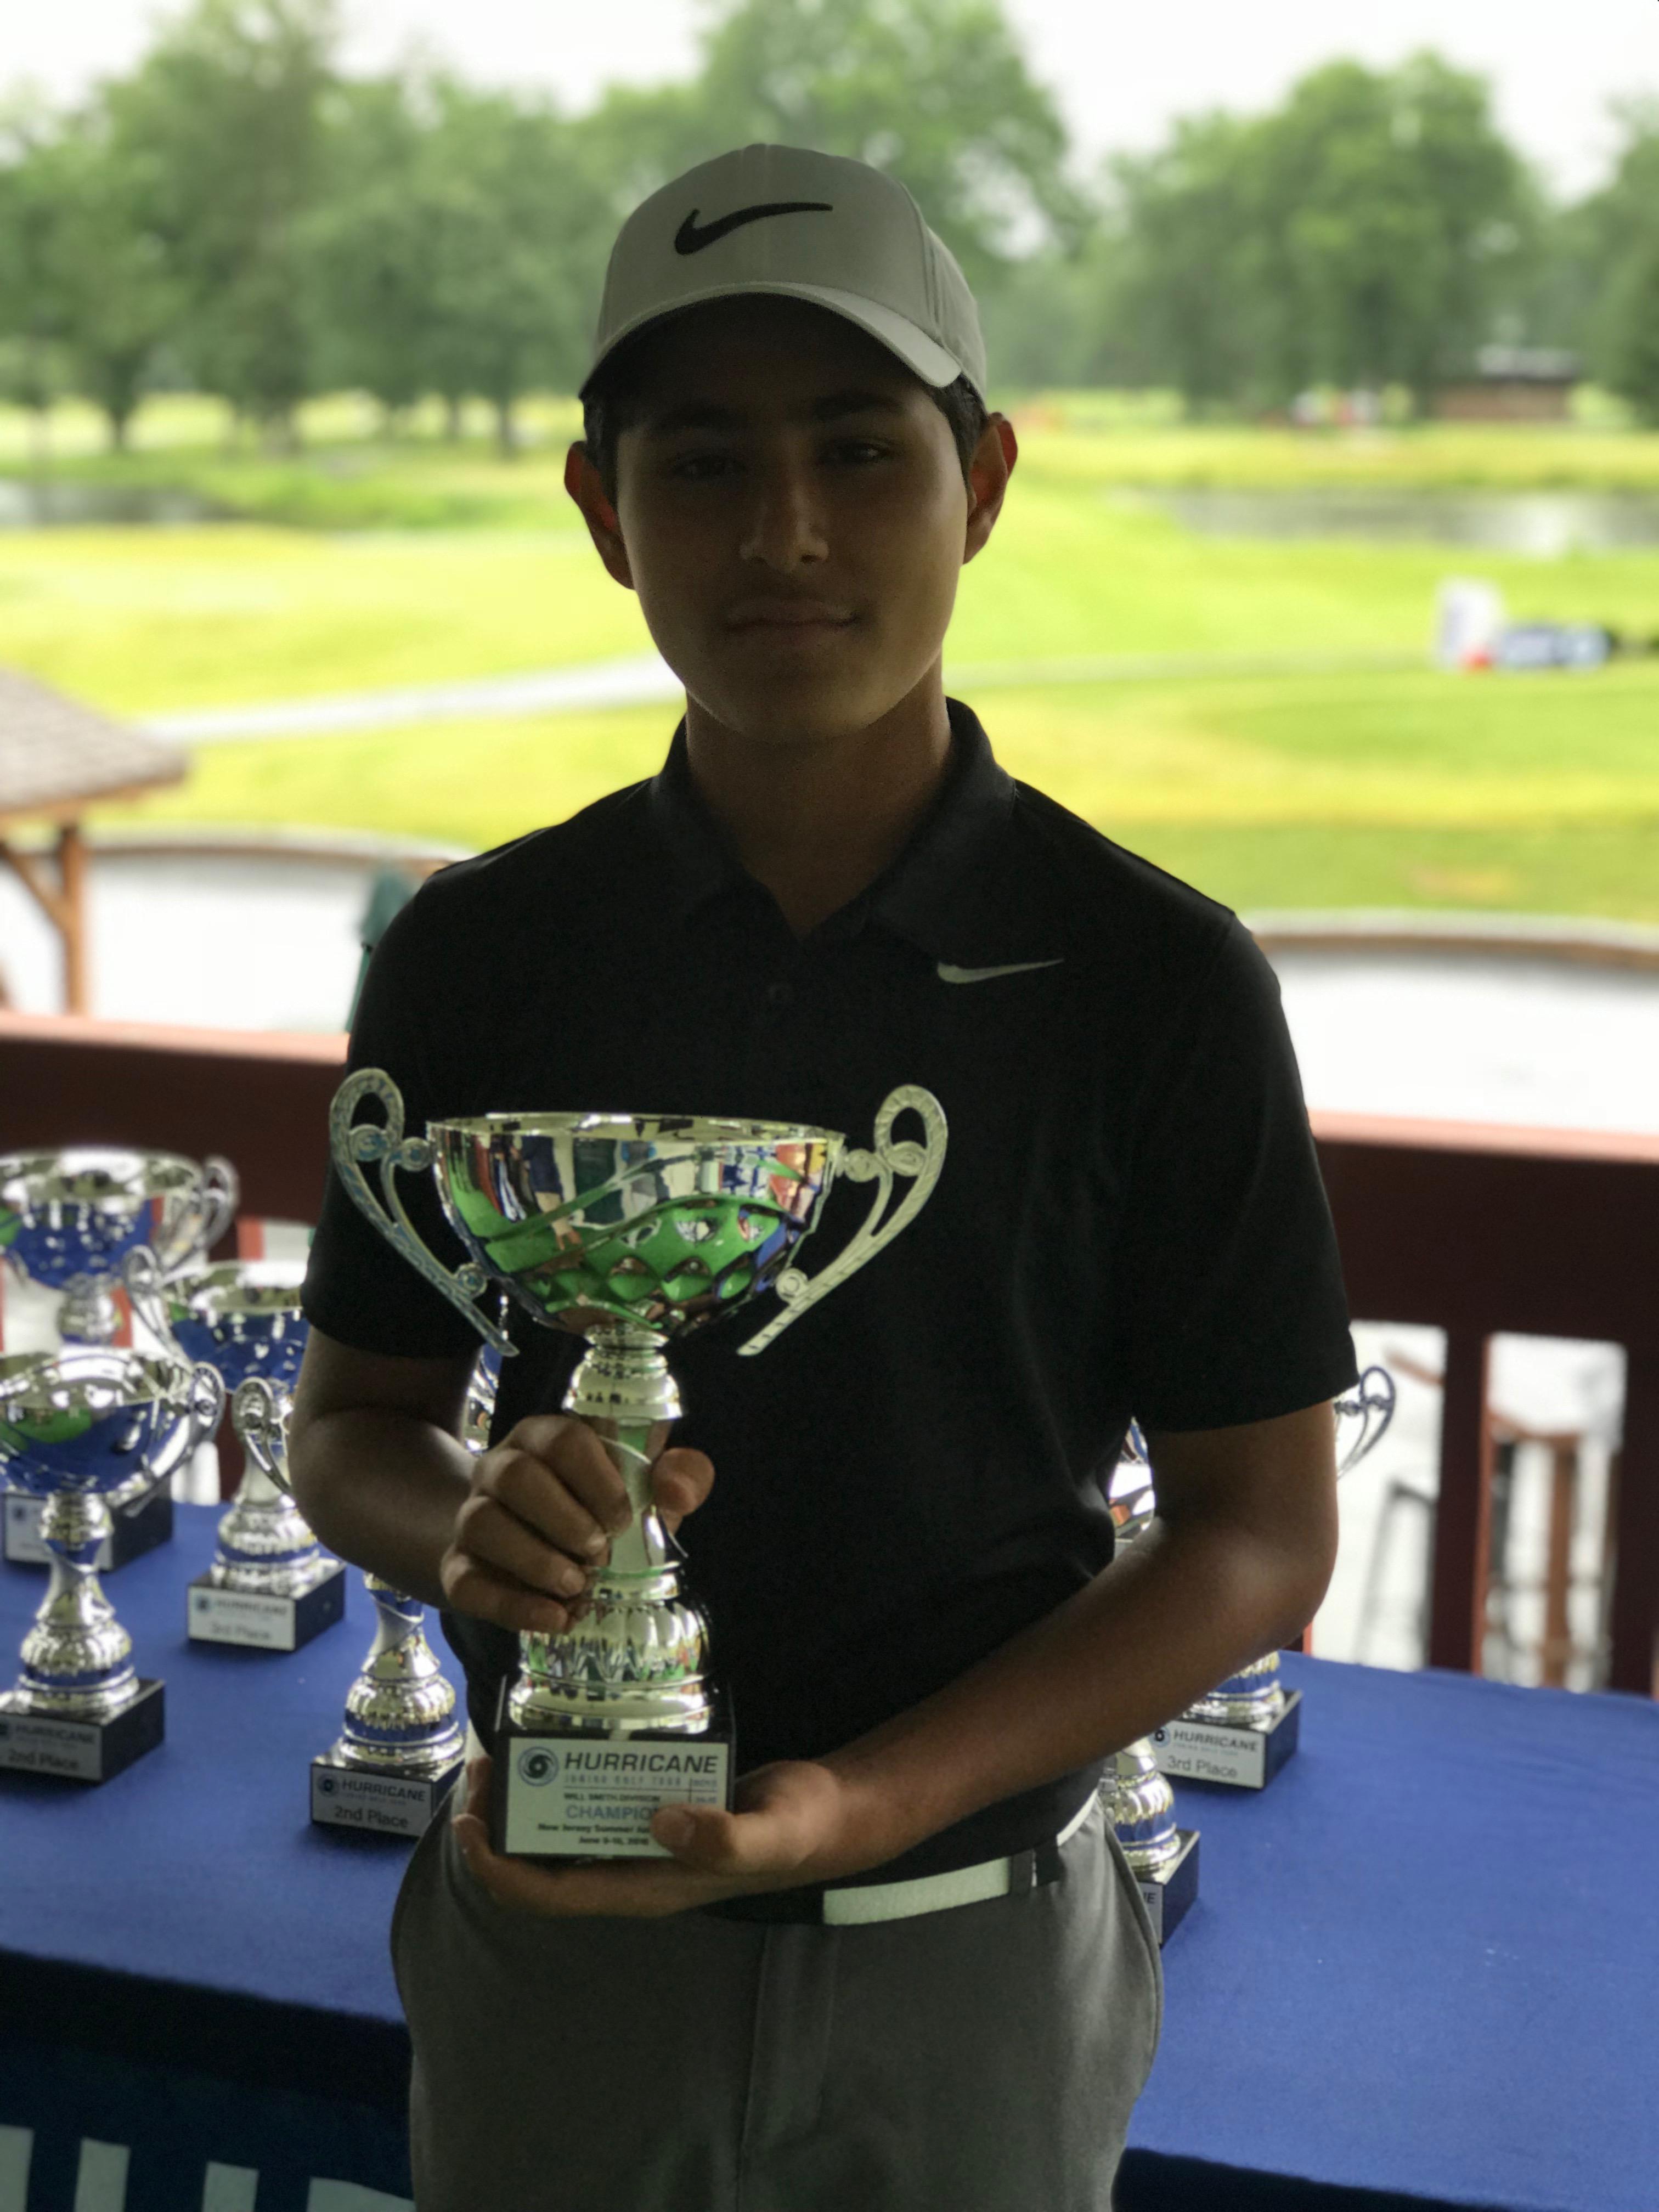 New Jersey Summer Junior Open